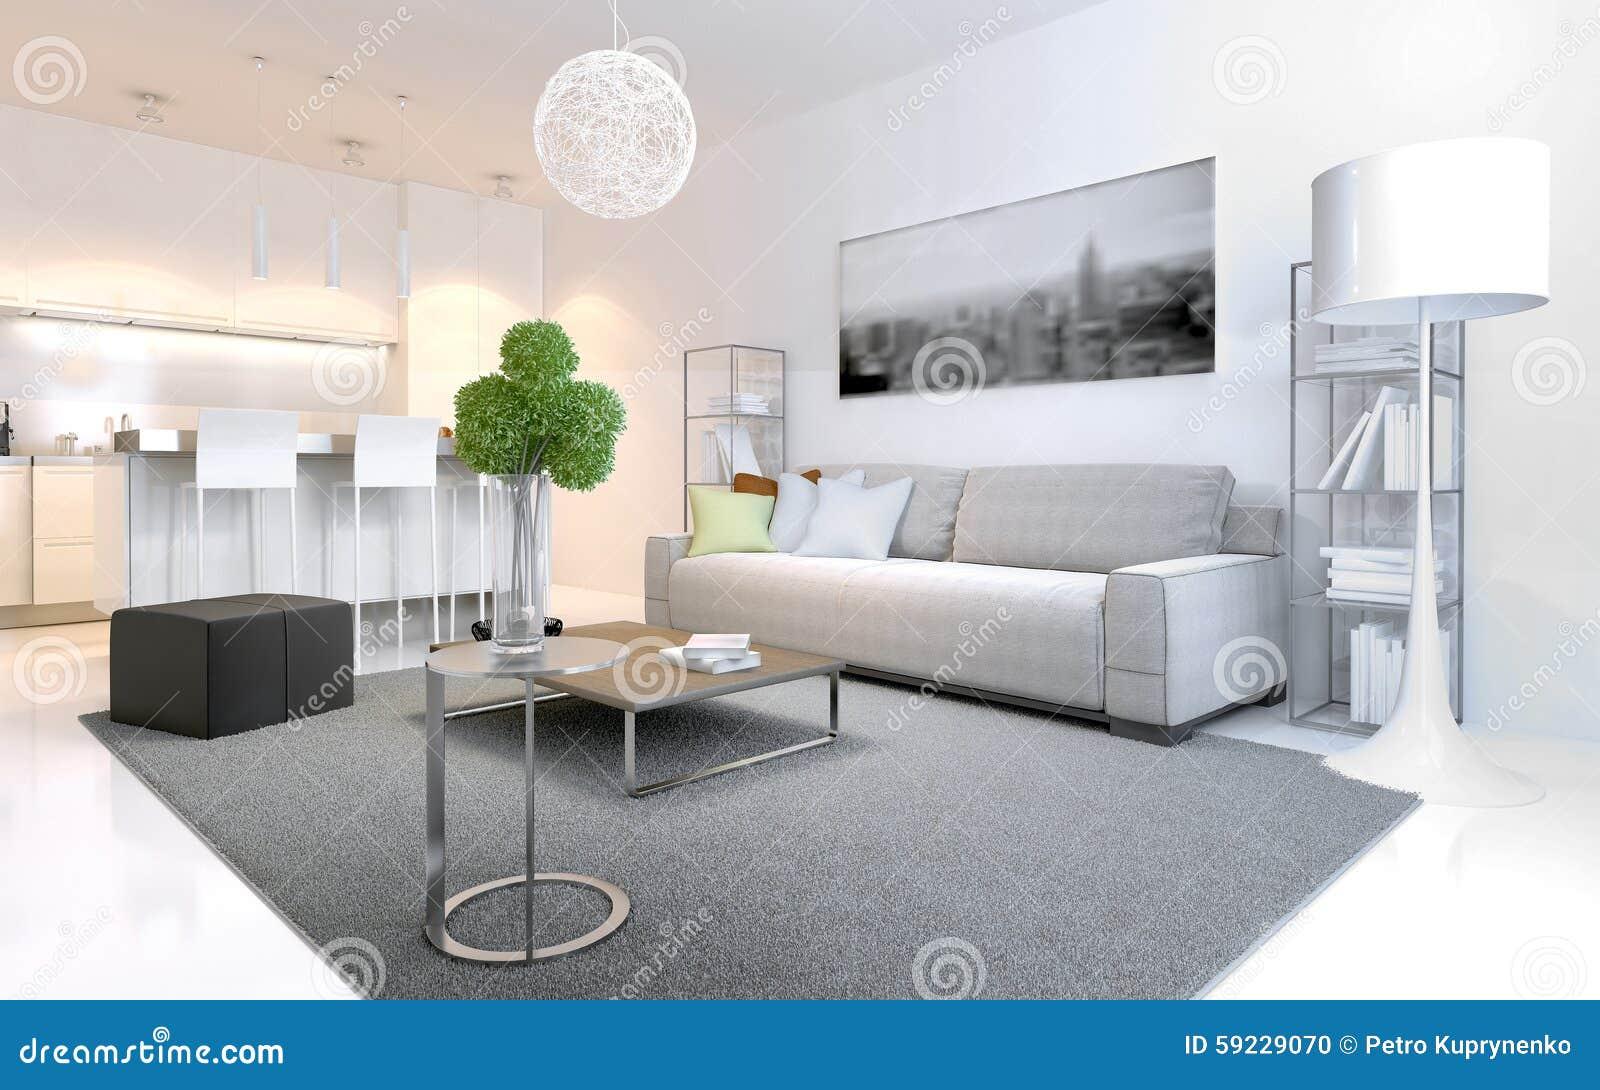 Download Apartamentos Escandinavos Del Estilo Stock de ilustración - Ilustración de contemporáneo, construido: 59229070